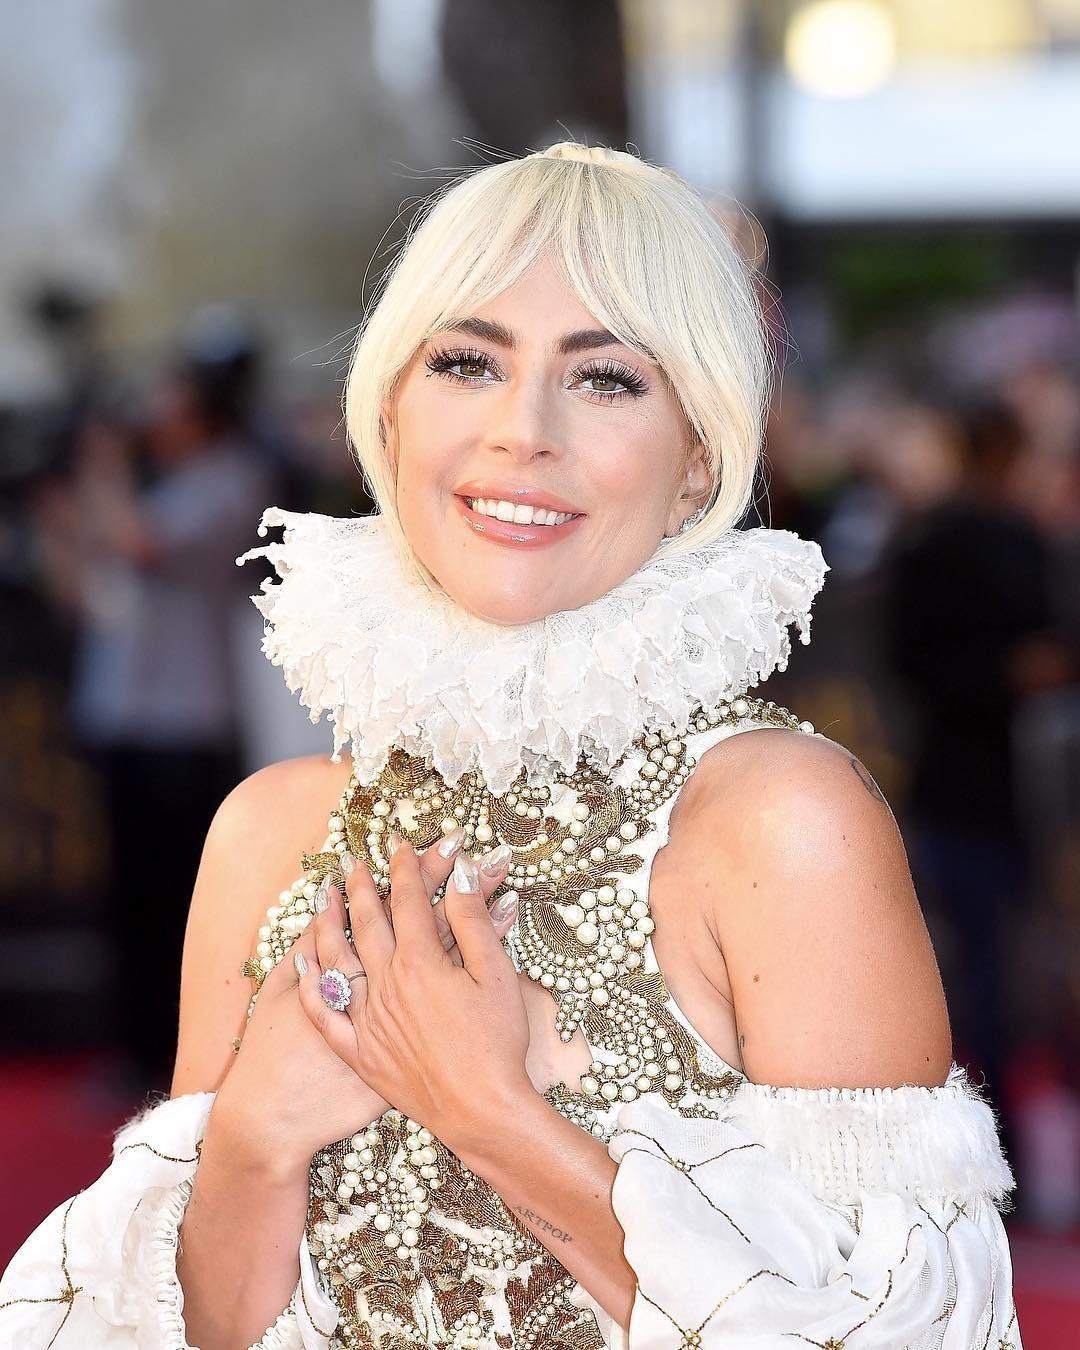 Леди Гага - талантлива во многом, и в актерском мастерстве тоже. Это пока не уровень Оскара, но у нее есть все предпосылки, чтобы достичь очень высокого мастерства в актерской карьере. Он...